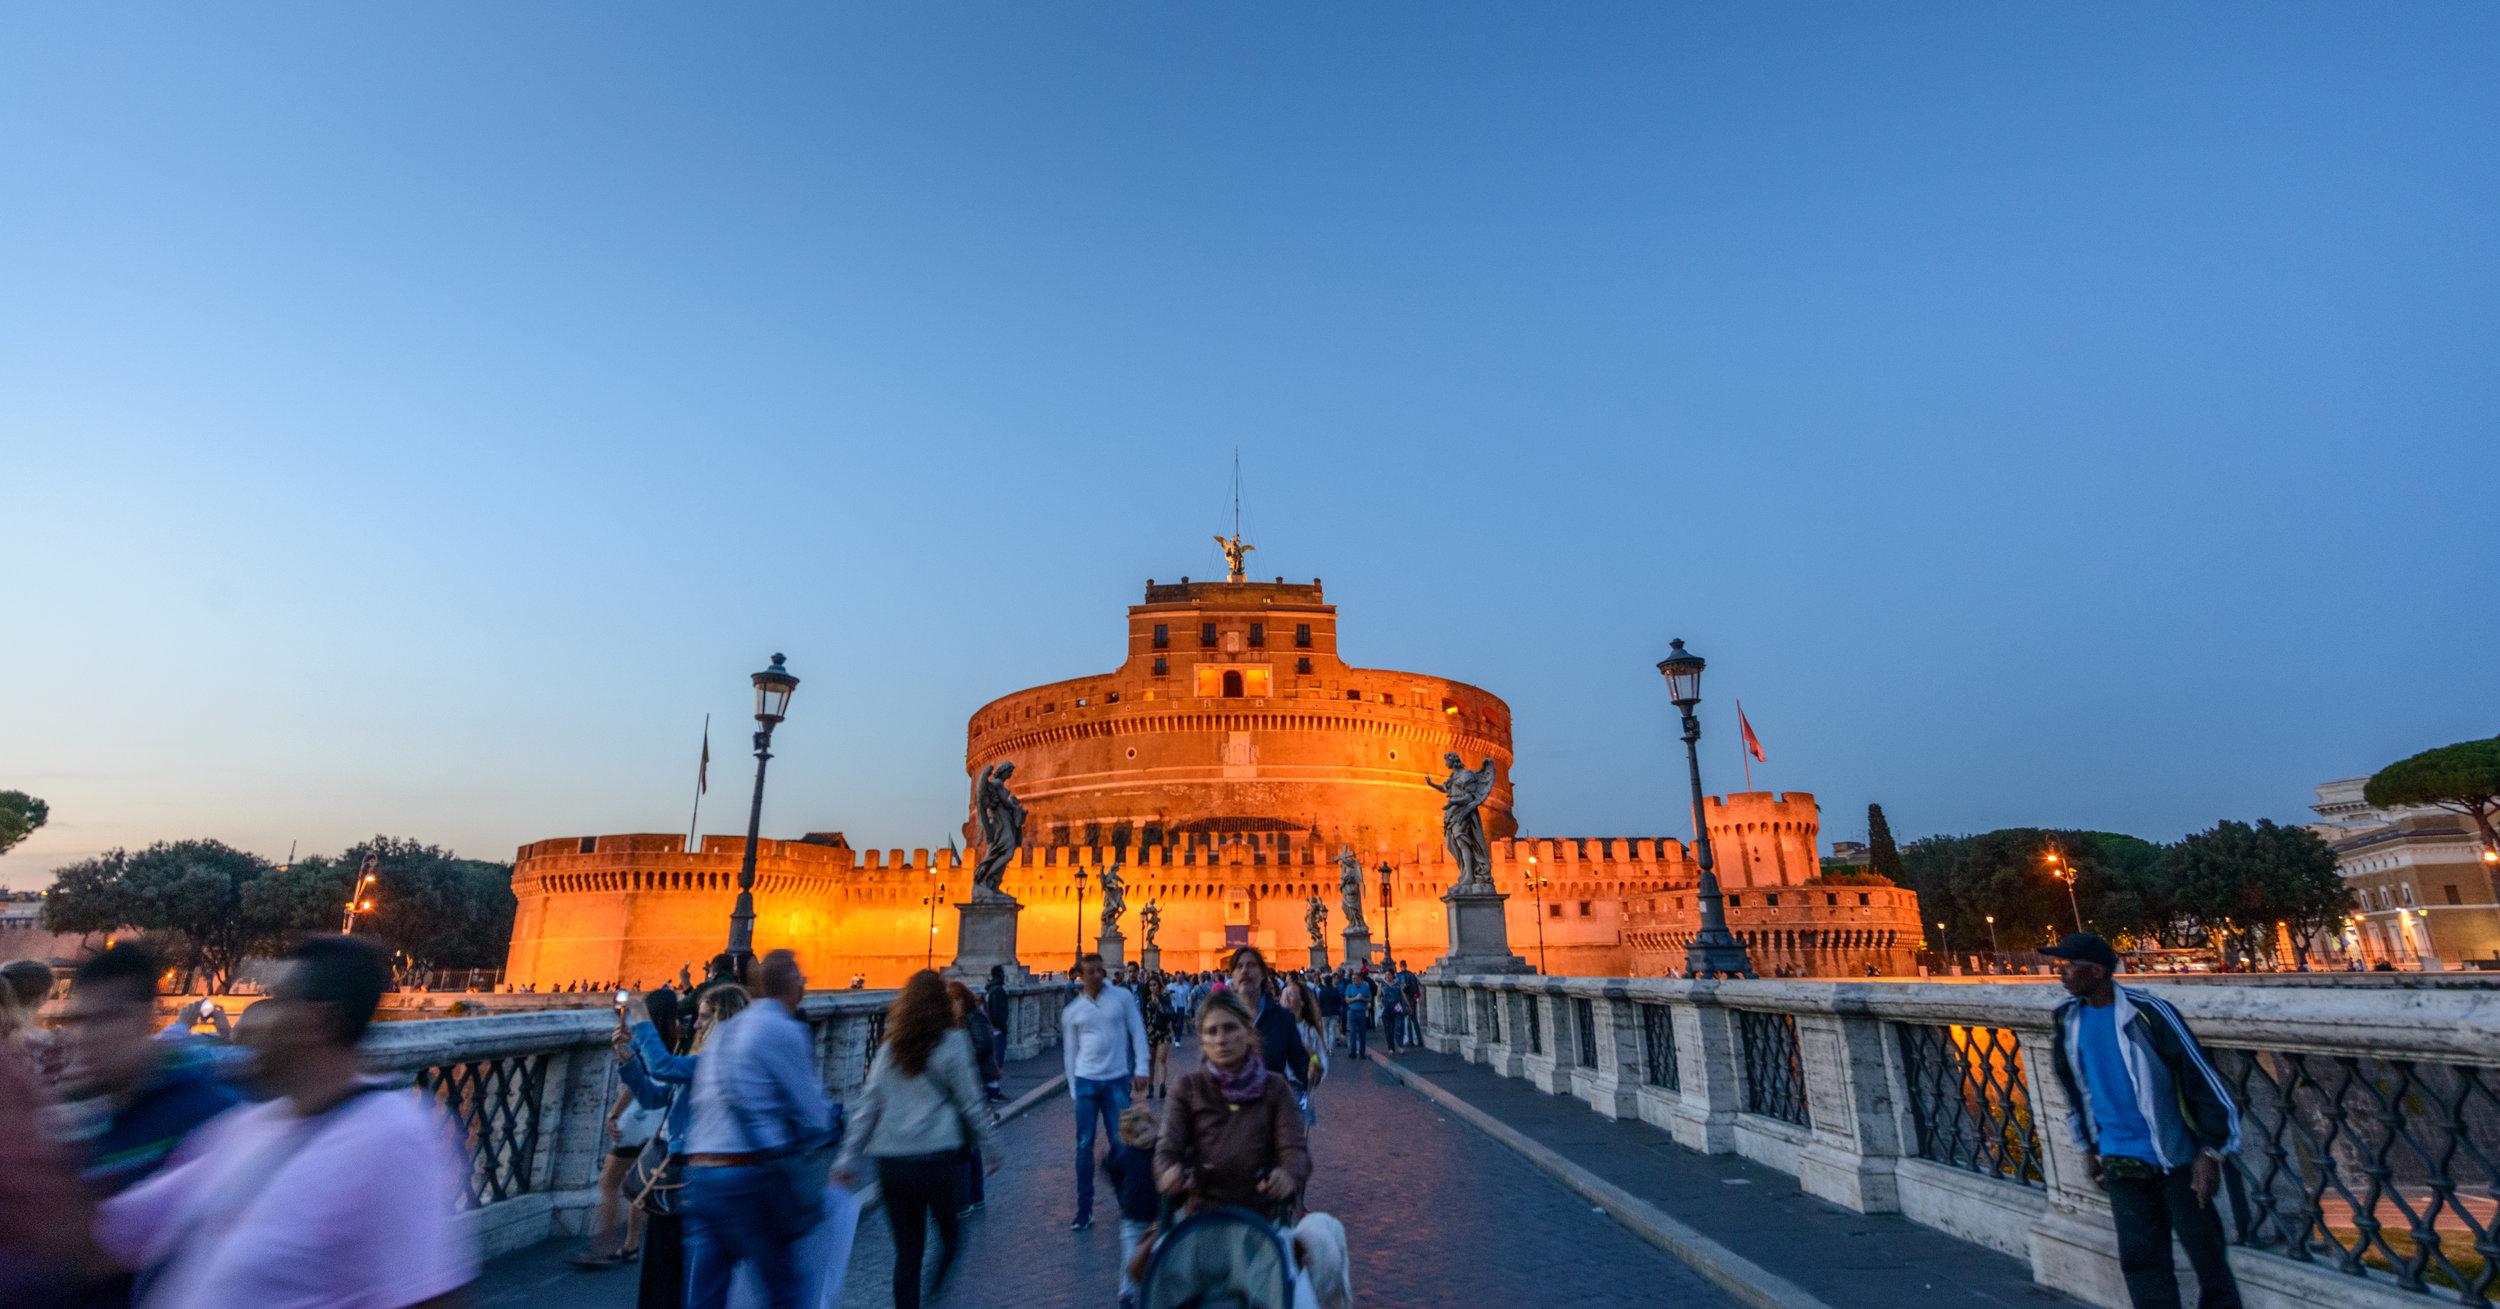 Night life Roma, Italy